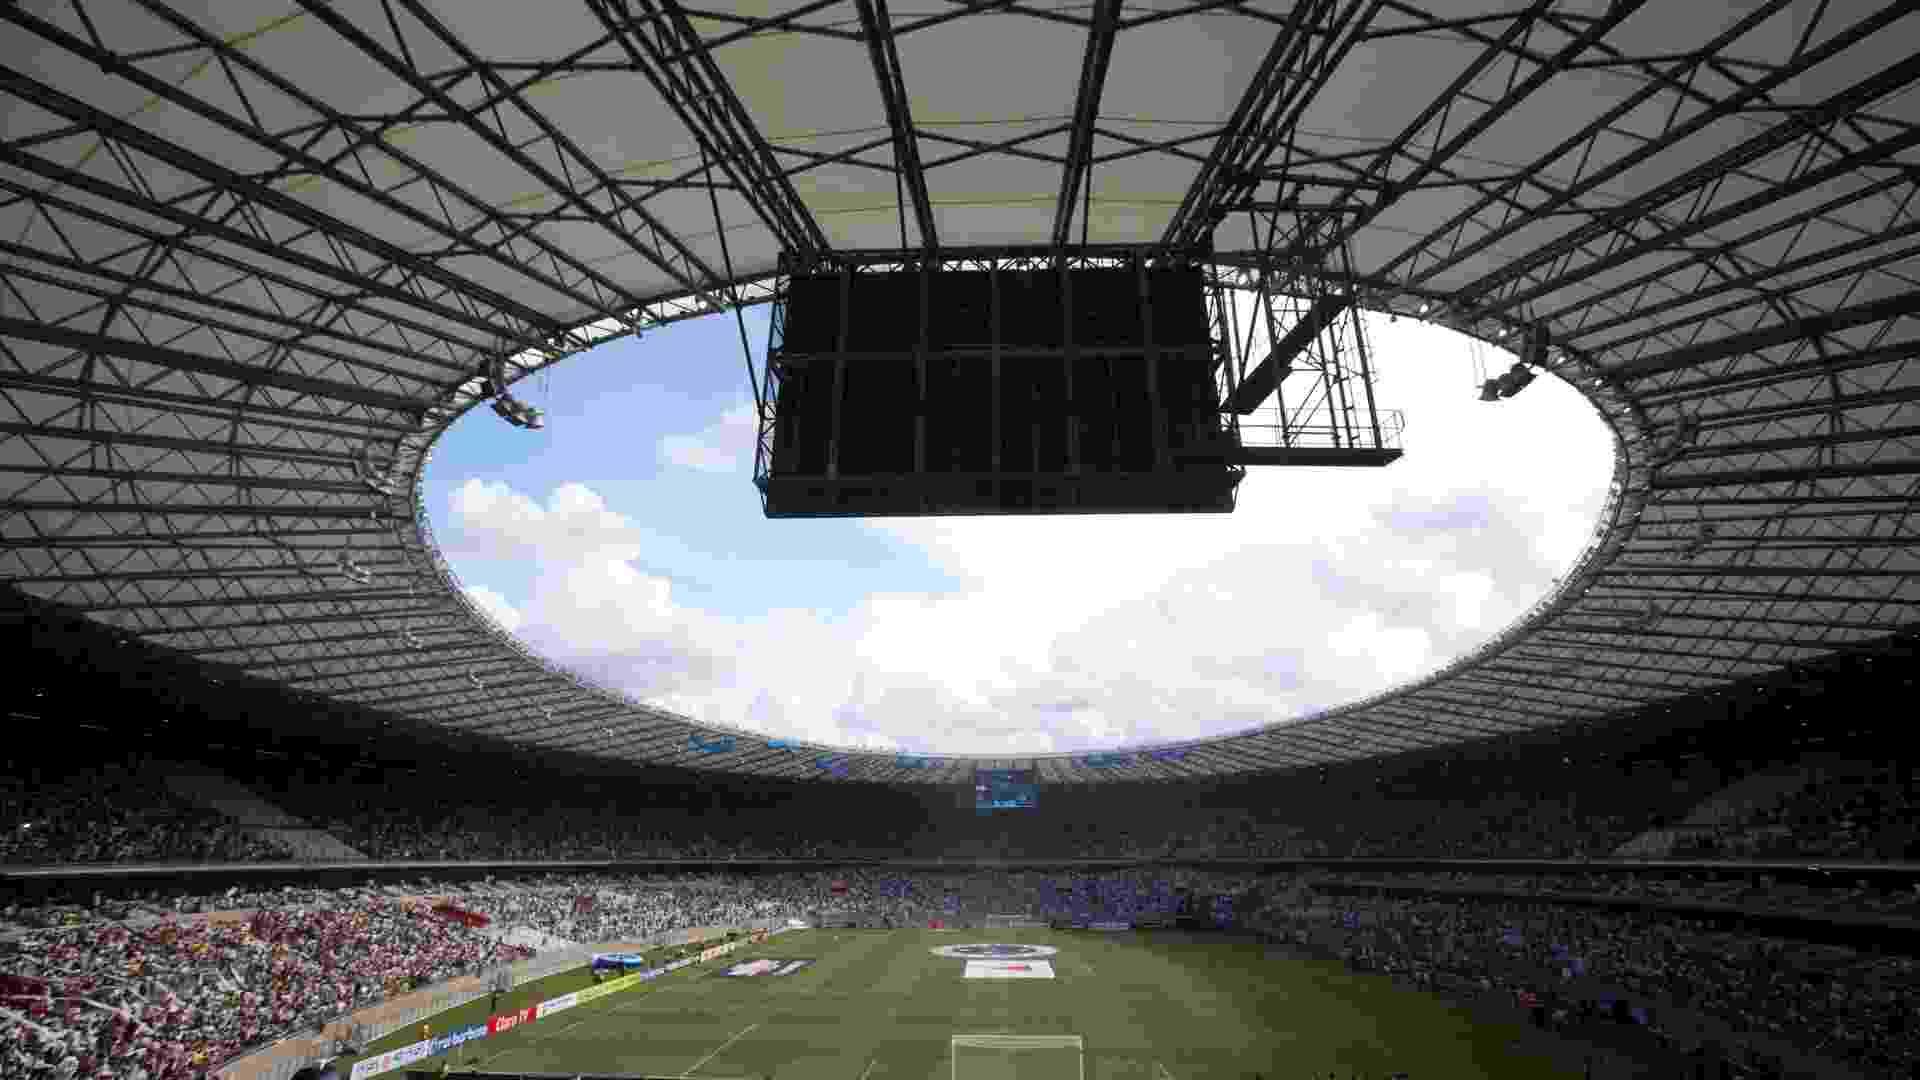 03.fev.2013 - Torcedores do Atlético-MG e do Cruzeiro lotam o Mineirão, em partida pelo Campeonato Mineiro que marca a reinauguração do estádio, em Belo Horizonte - Marcus Desimoni/UOL